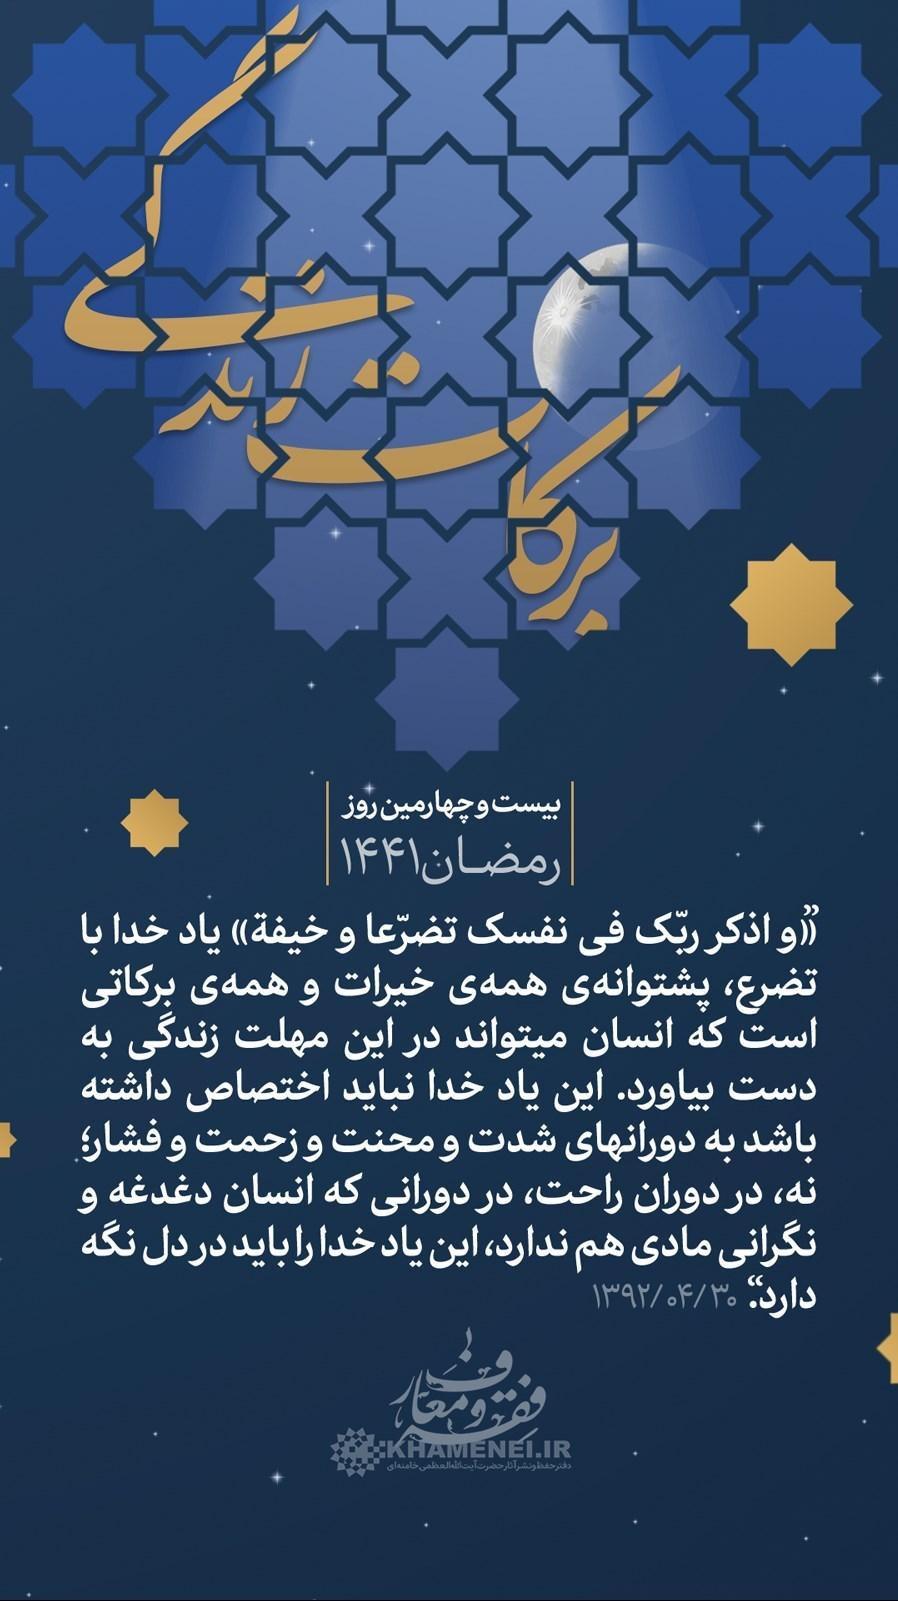 پوستر , عکس , هنرهای تجسمی , امام خامنهای , ماه مبارک رمضان ,